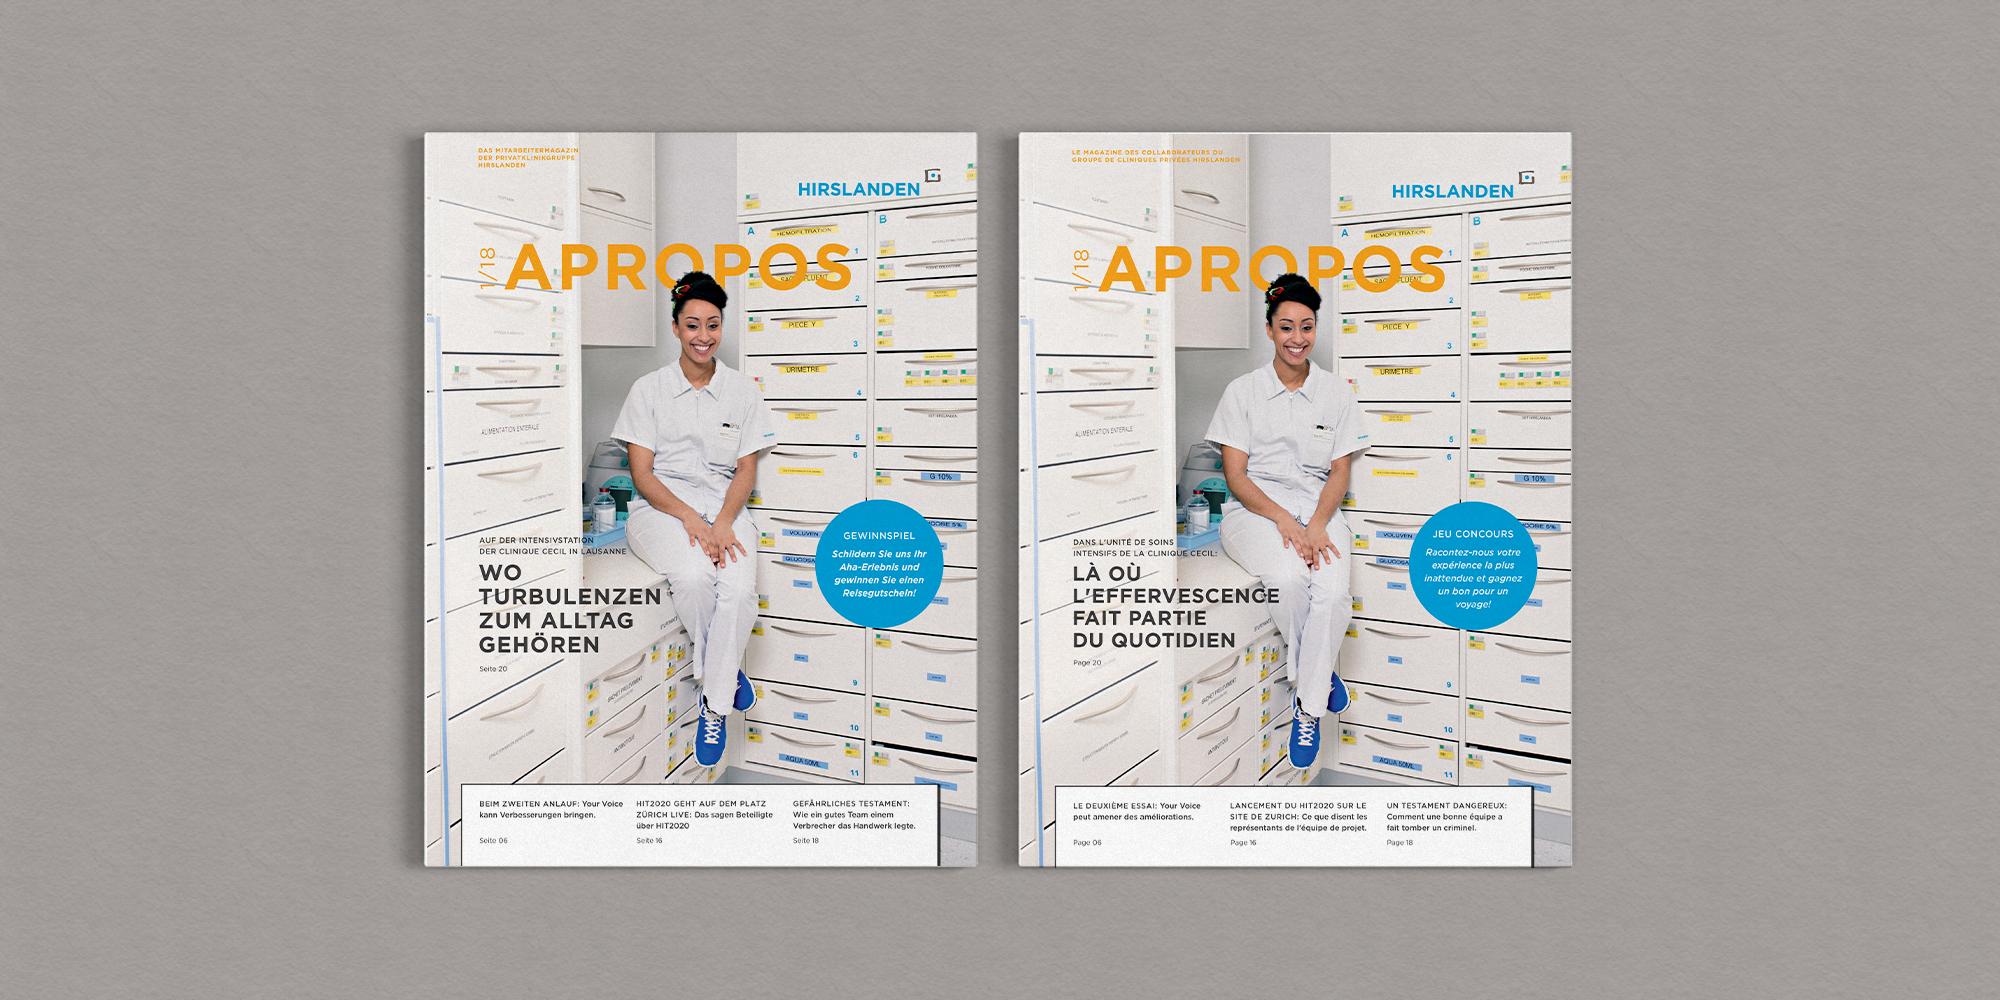 Zwei Cover des neuen Mitarbeitermagazins der Hirslanden Klinik. Einmal auf Deutsch, einmal auf französisch, aber zweimal das gleiche Motiv: Eine junge Frau in weiss Pflegekleidung sitzt auf einer kleinen Ablagefläche in der Ecke eines grossen Medizin-Schubladenschranks.